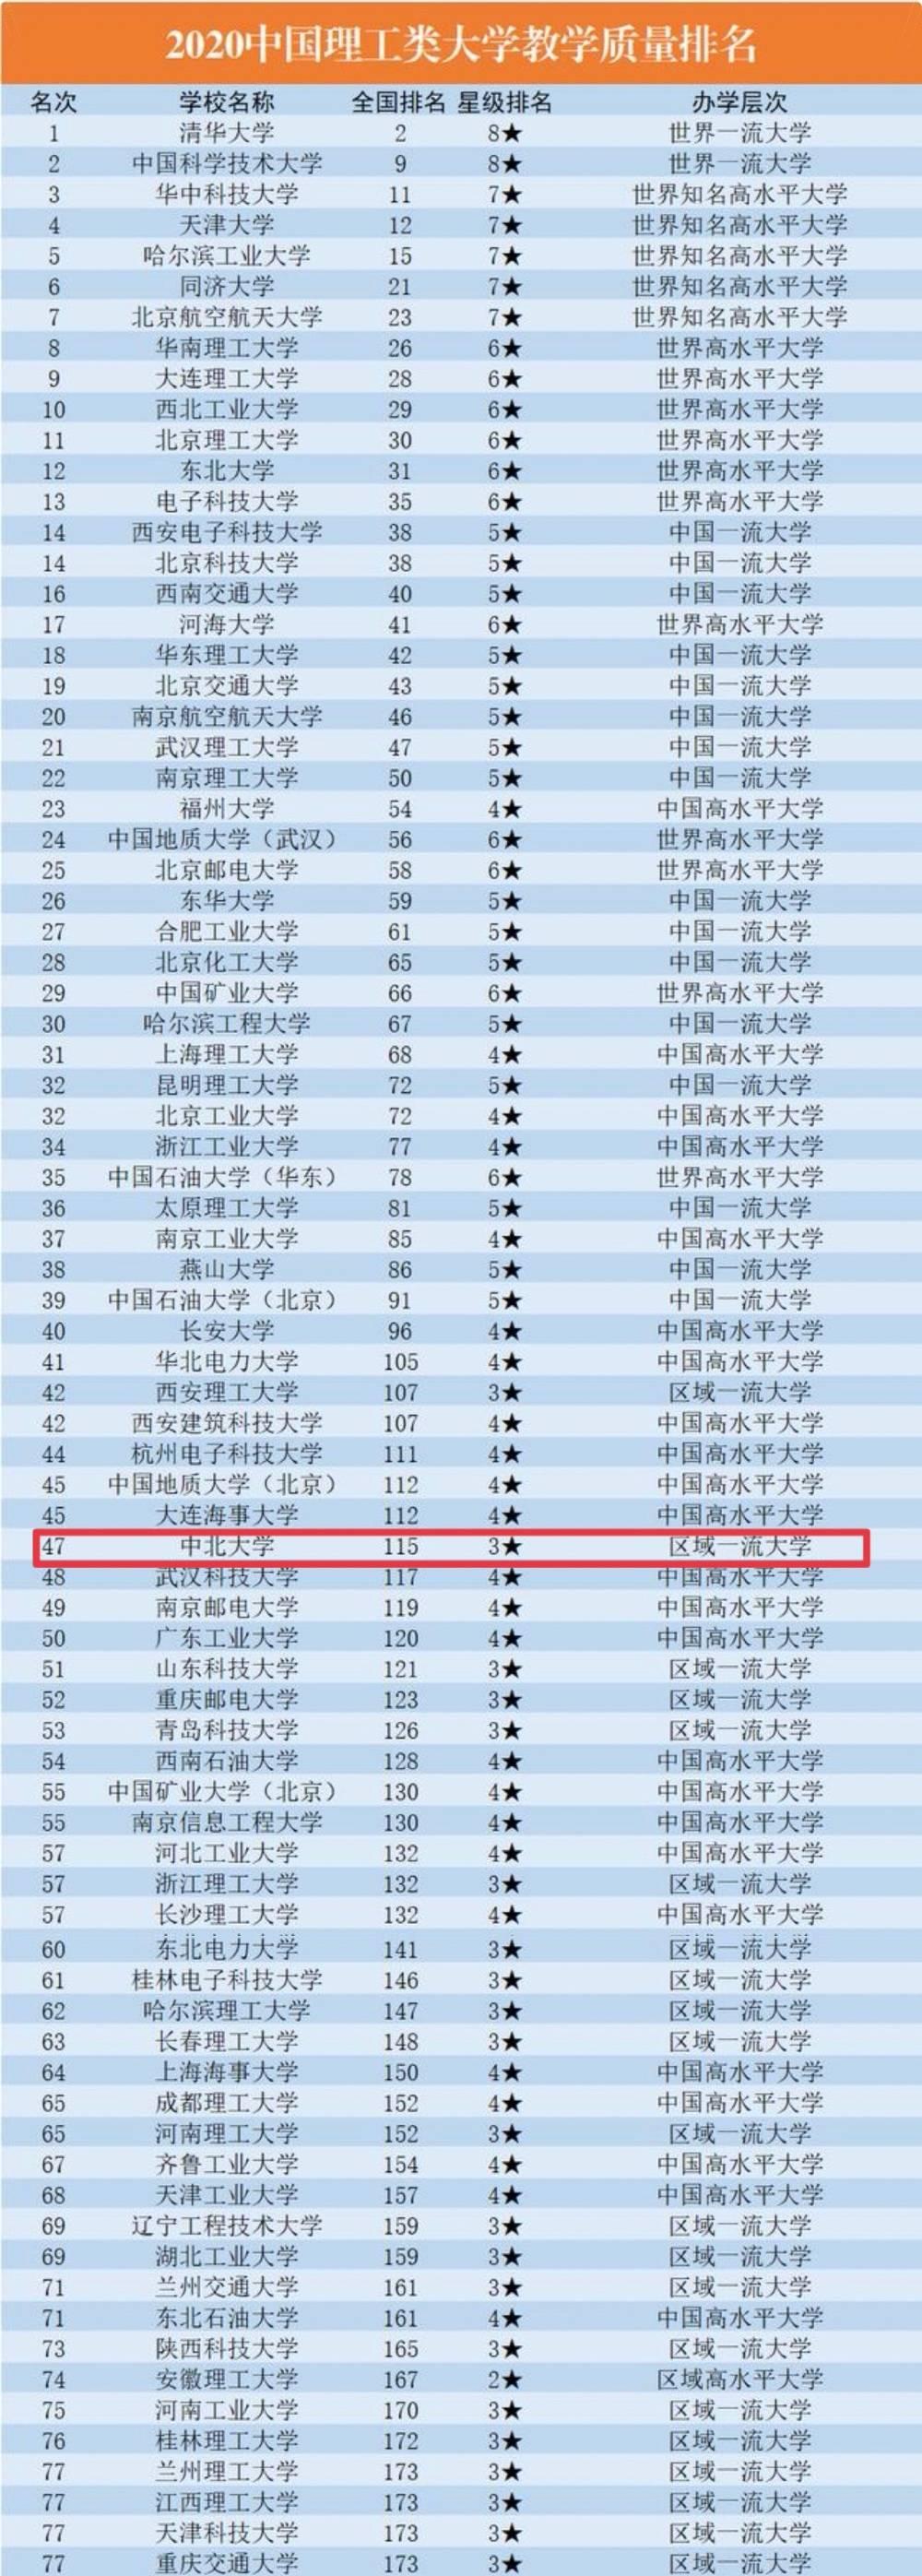 中北大学挺进校友会2020年中国理工类大学教学质量排名50强